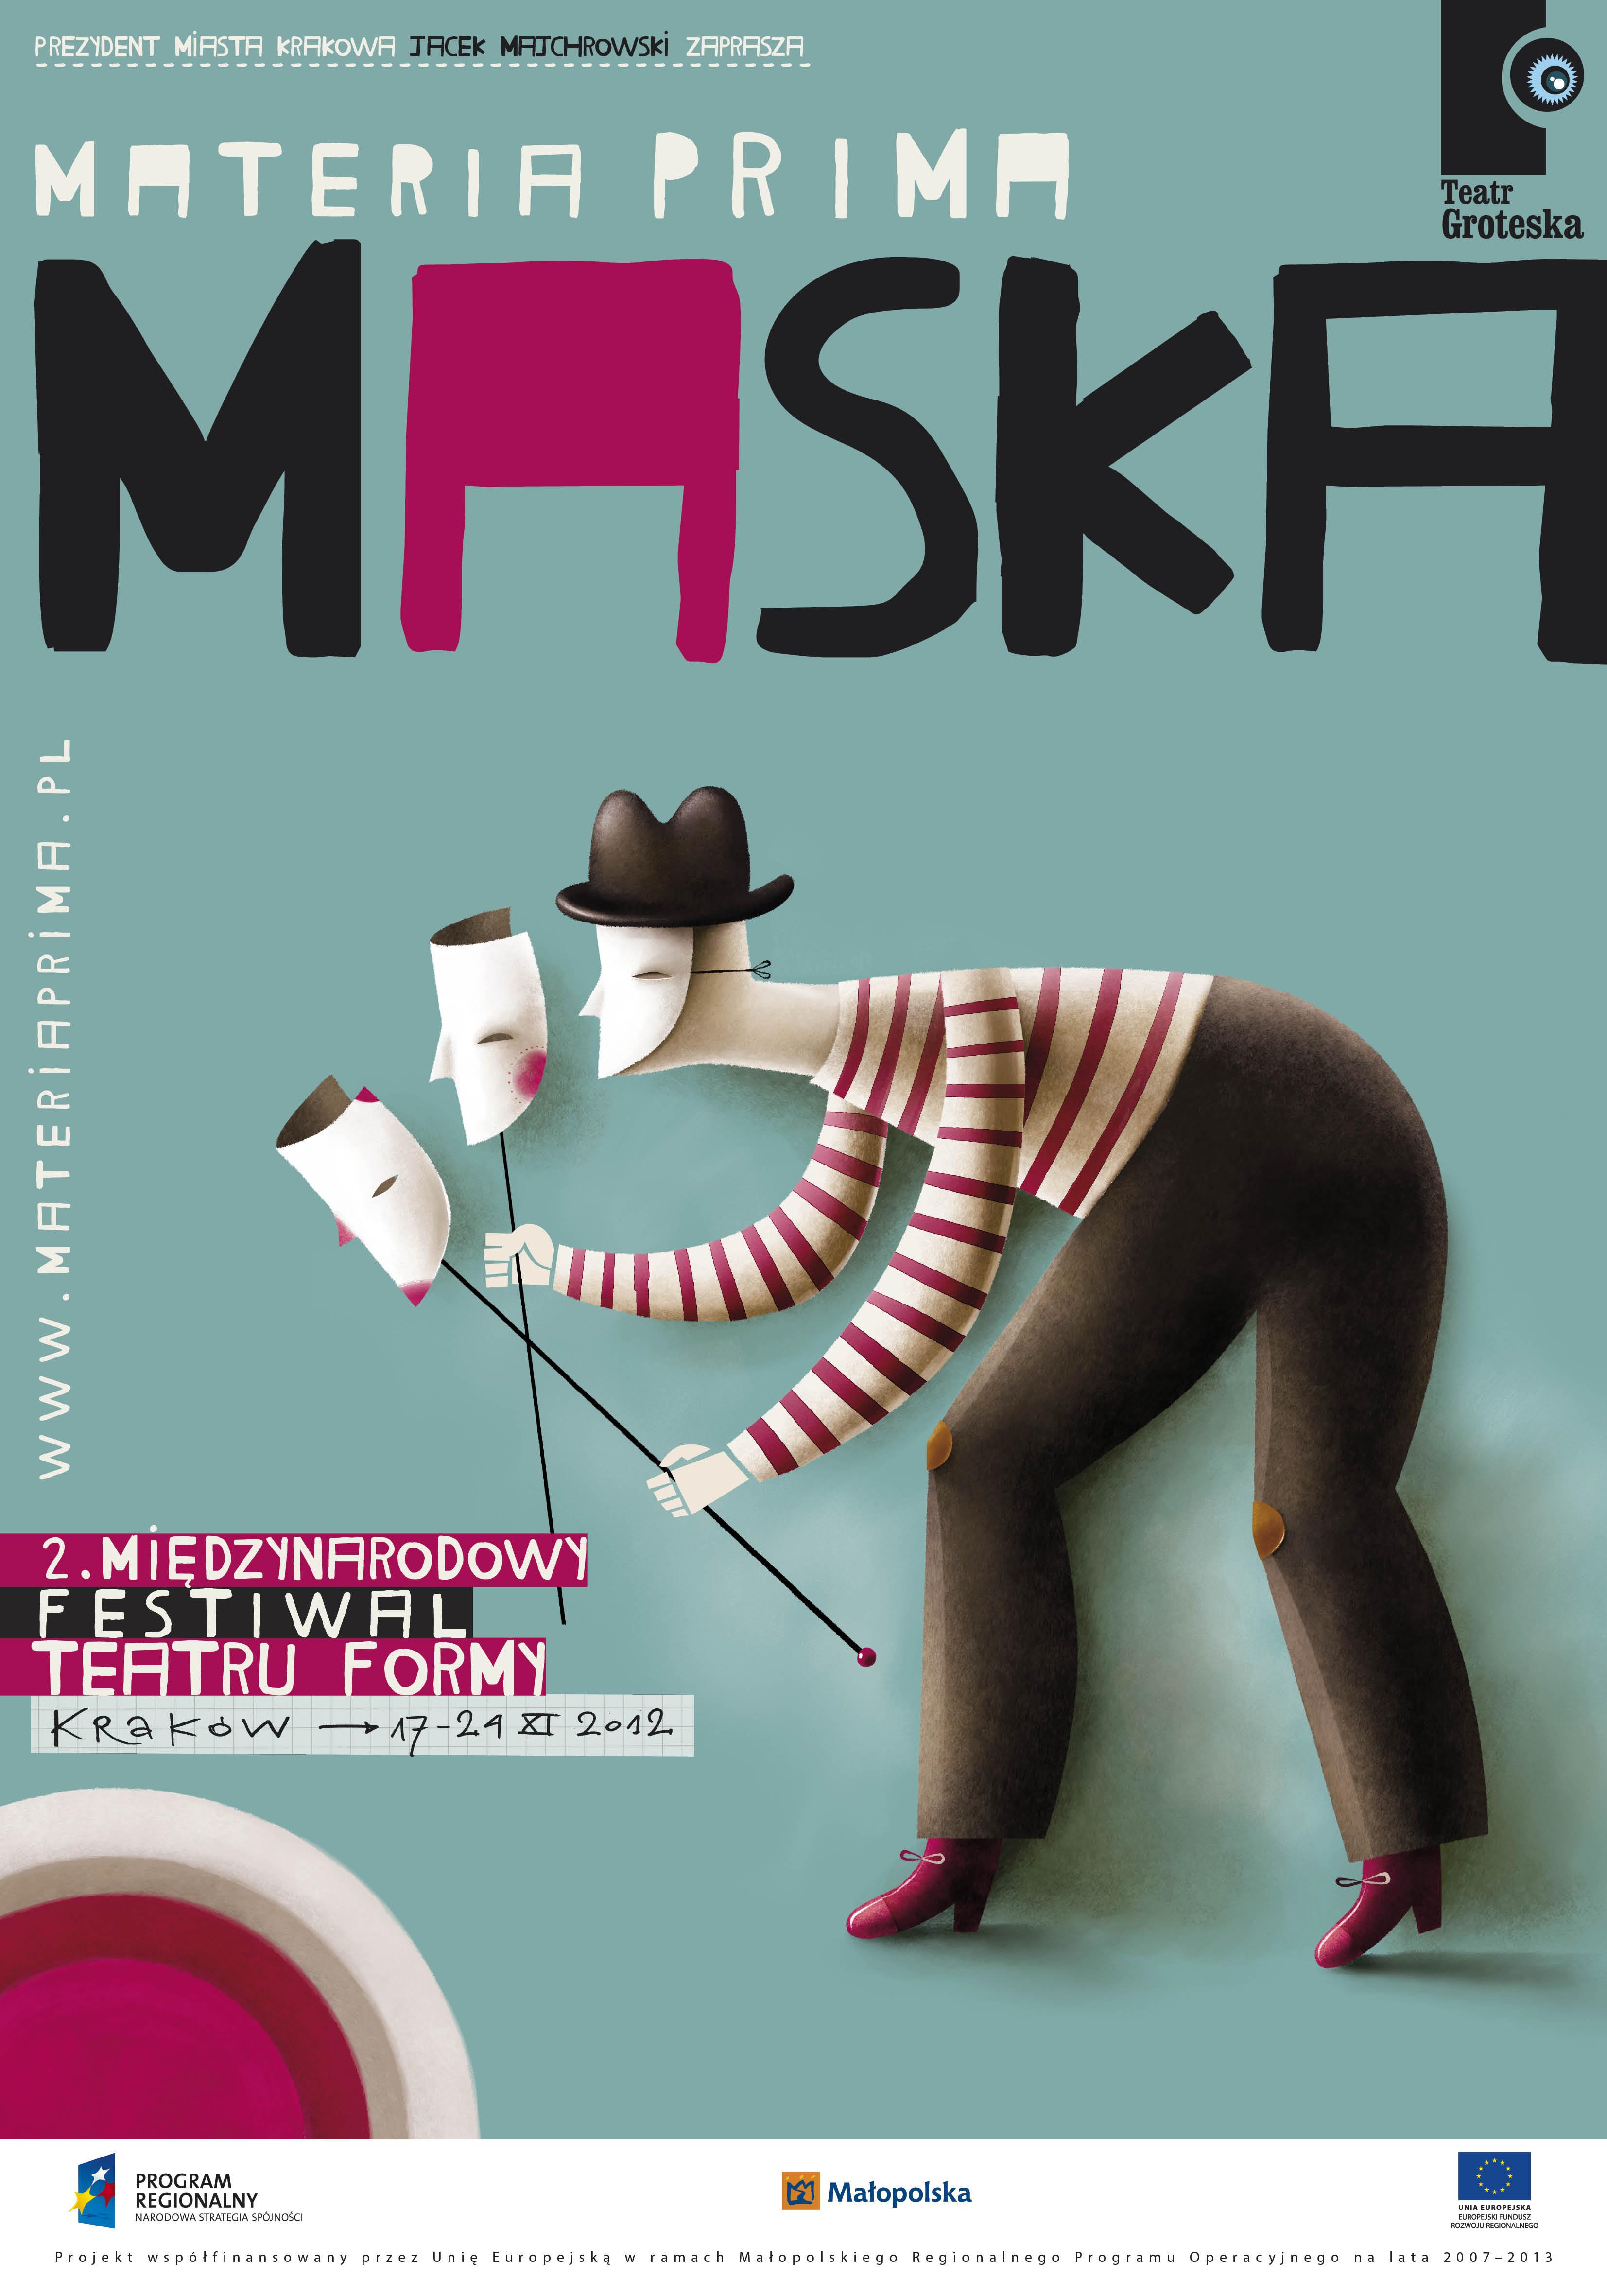 Materia Prima. Forma. 2. Międzynarodowy Festiwal Teatru Formy, plakat (źródło: materiały prasowe organizatora)